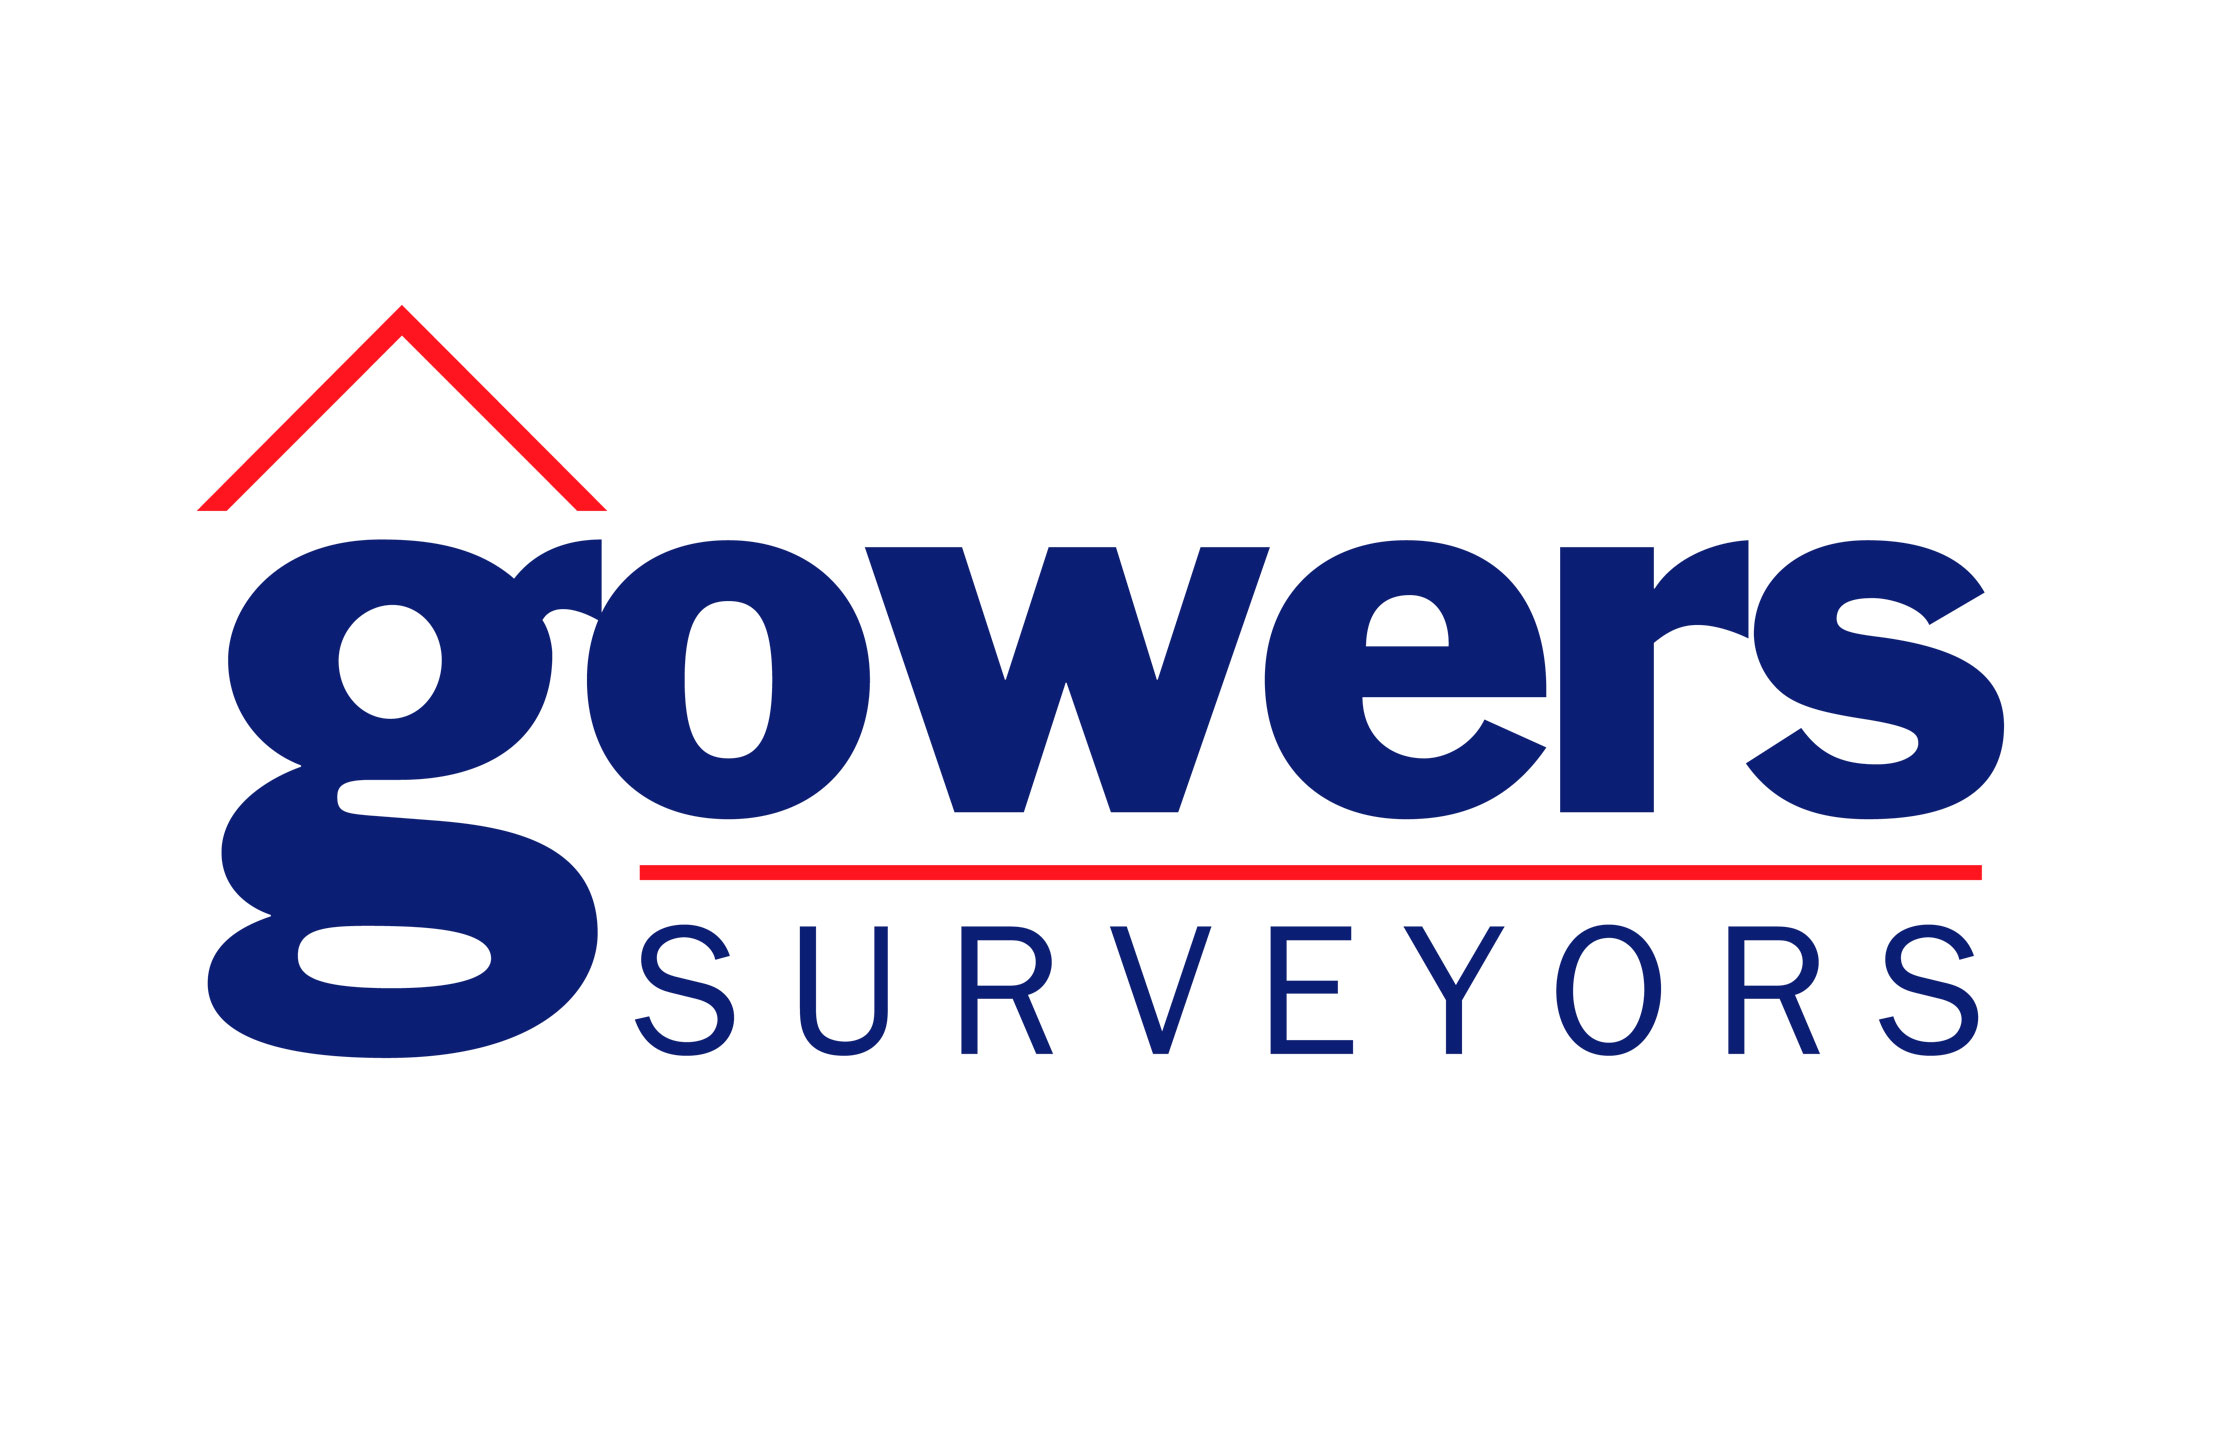 Gowers Surveyors Corporate Logo